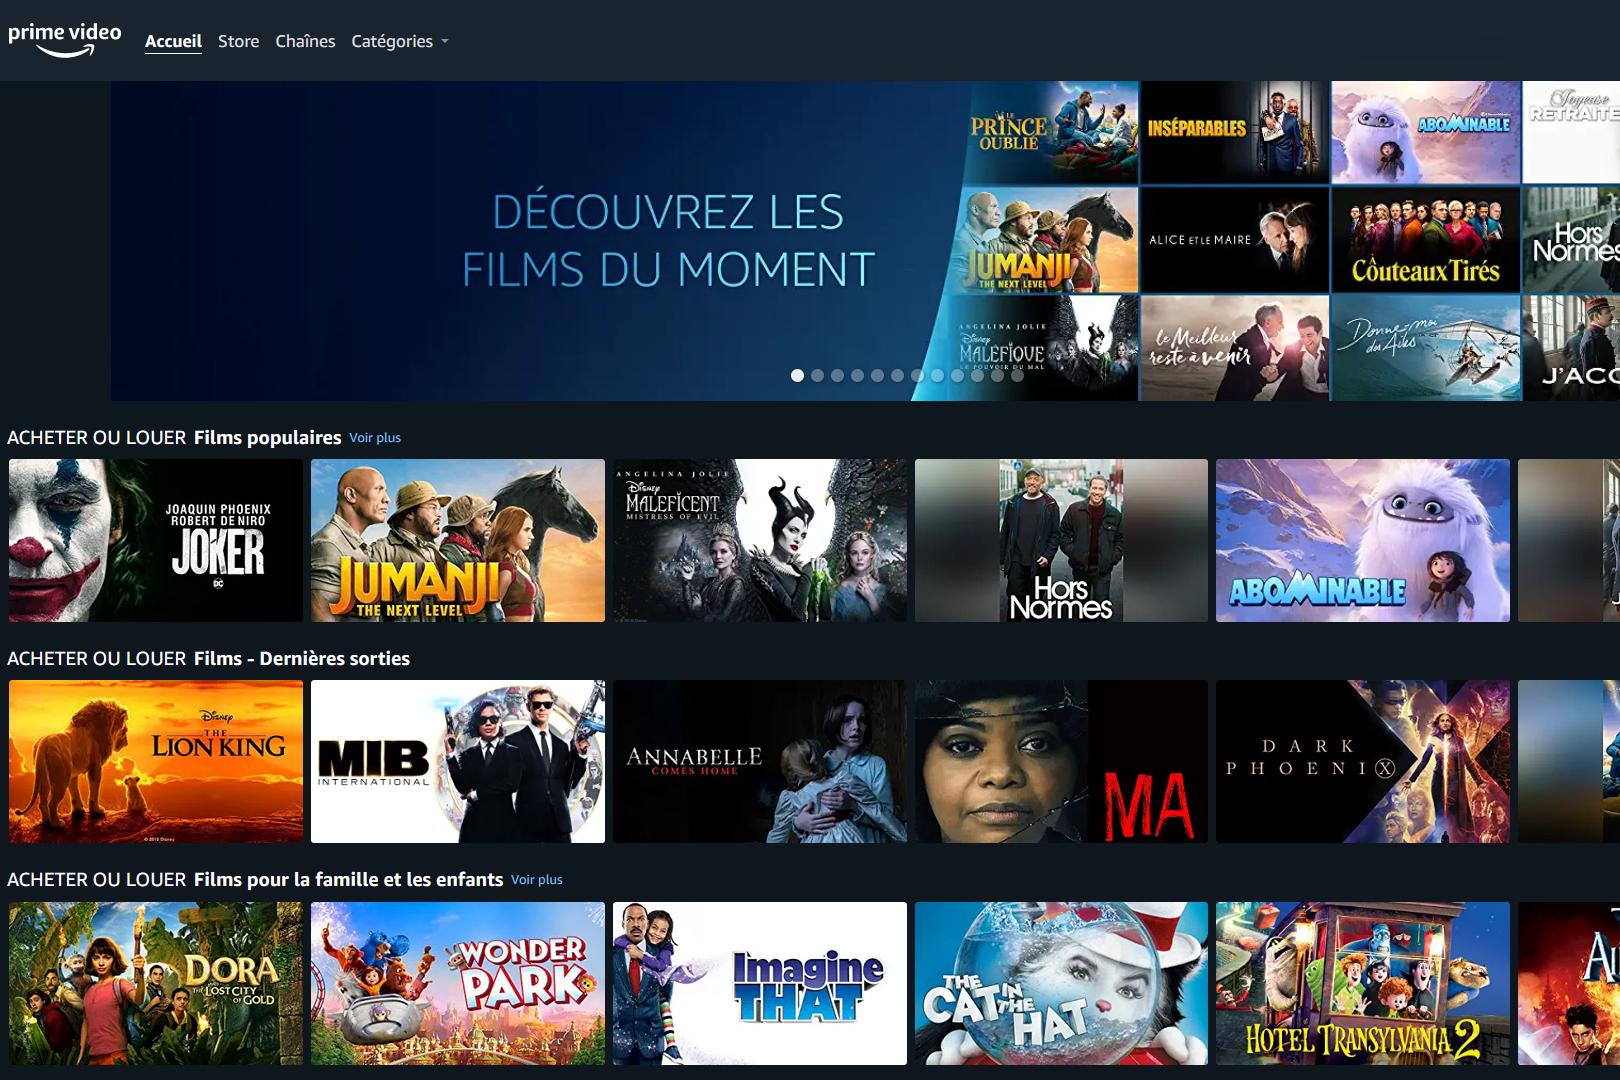 Amazon prépare des chaînes TV en direct pour son service Prime Video